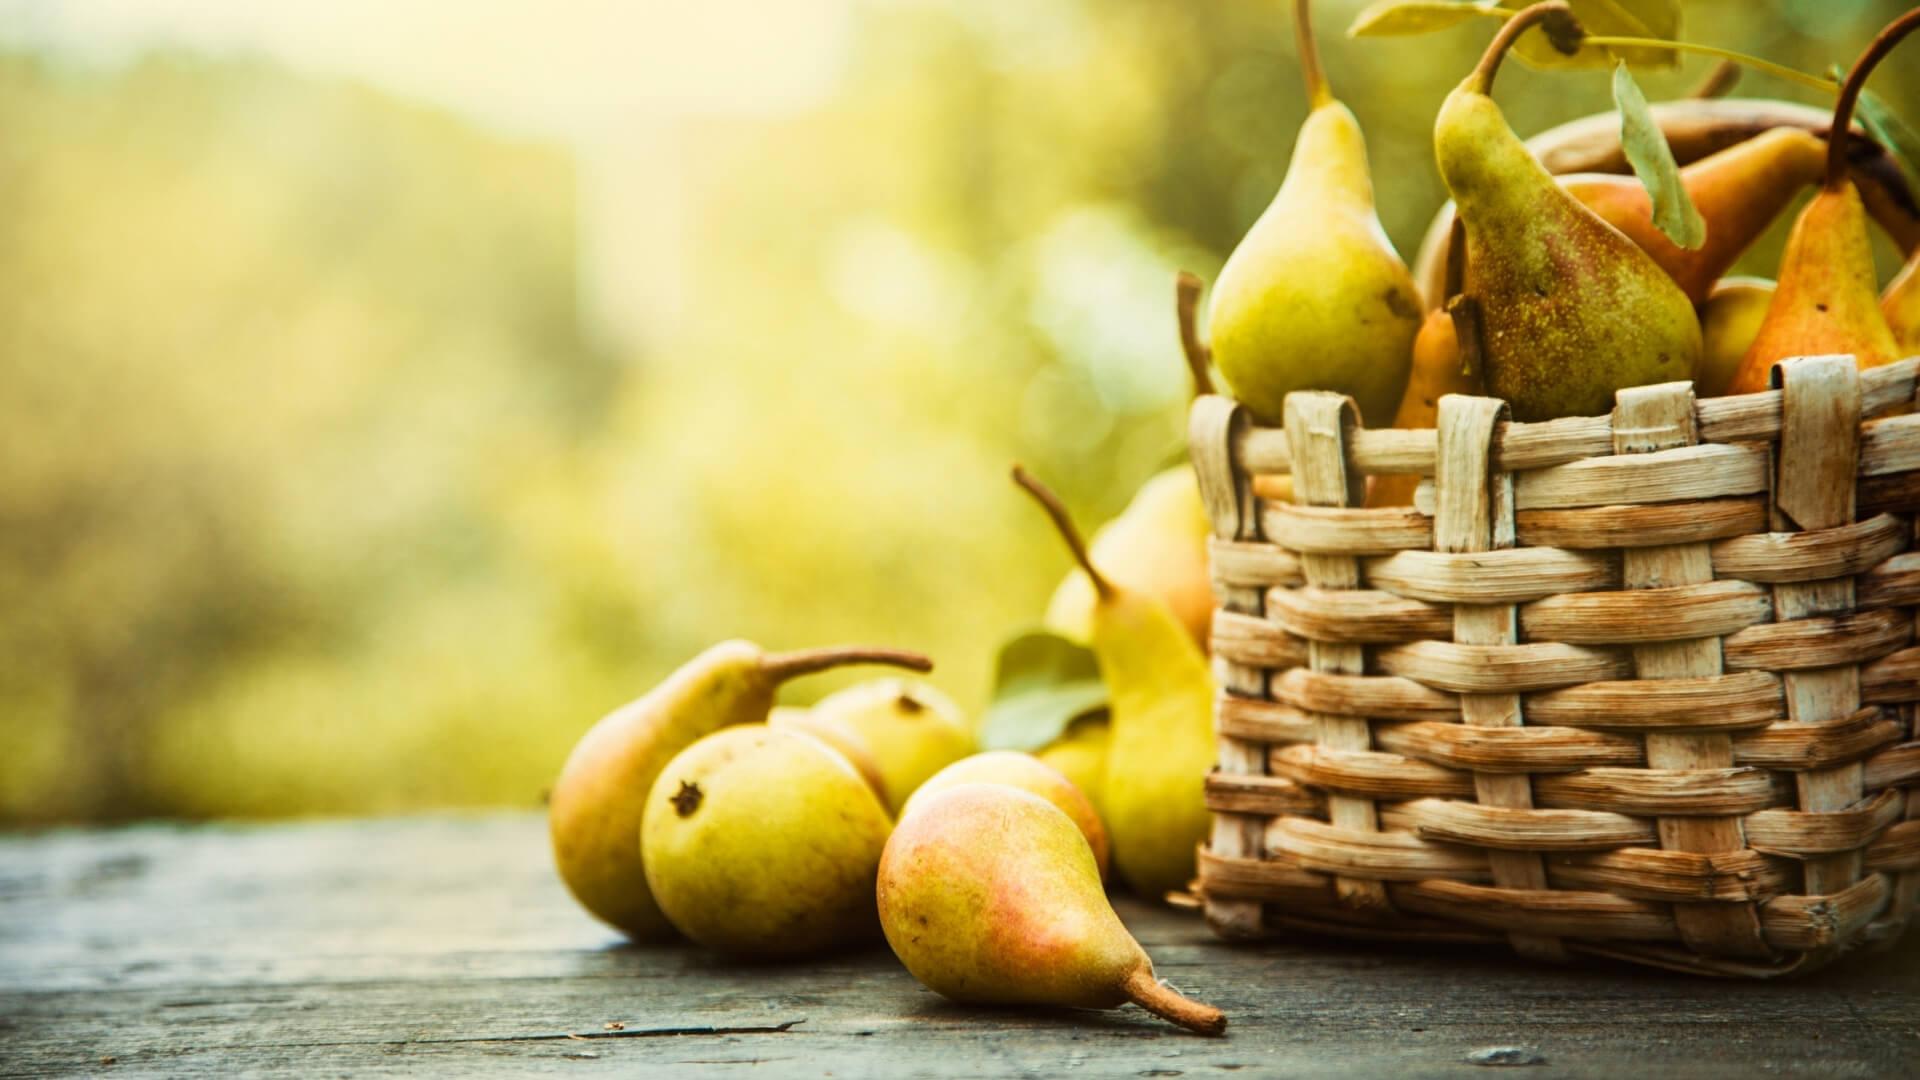 Quali sono le pere più dolci? E quali le pere più croccanti?